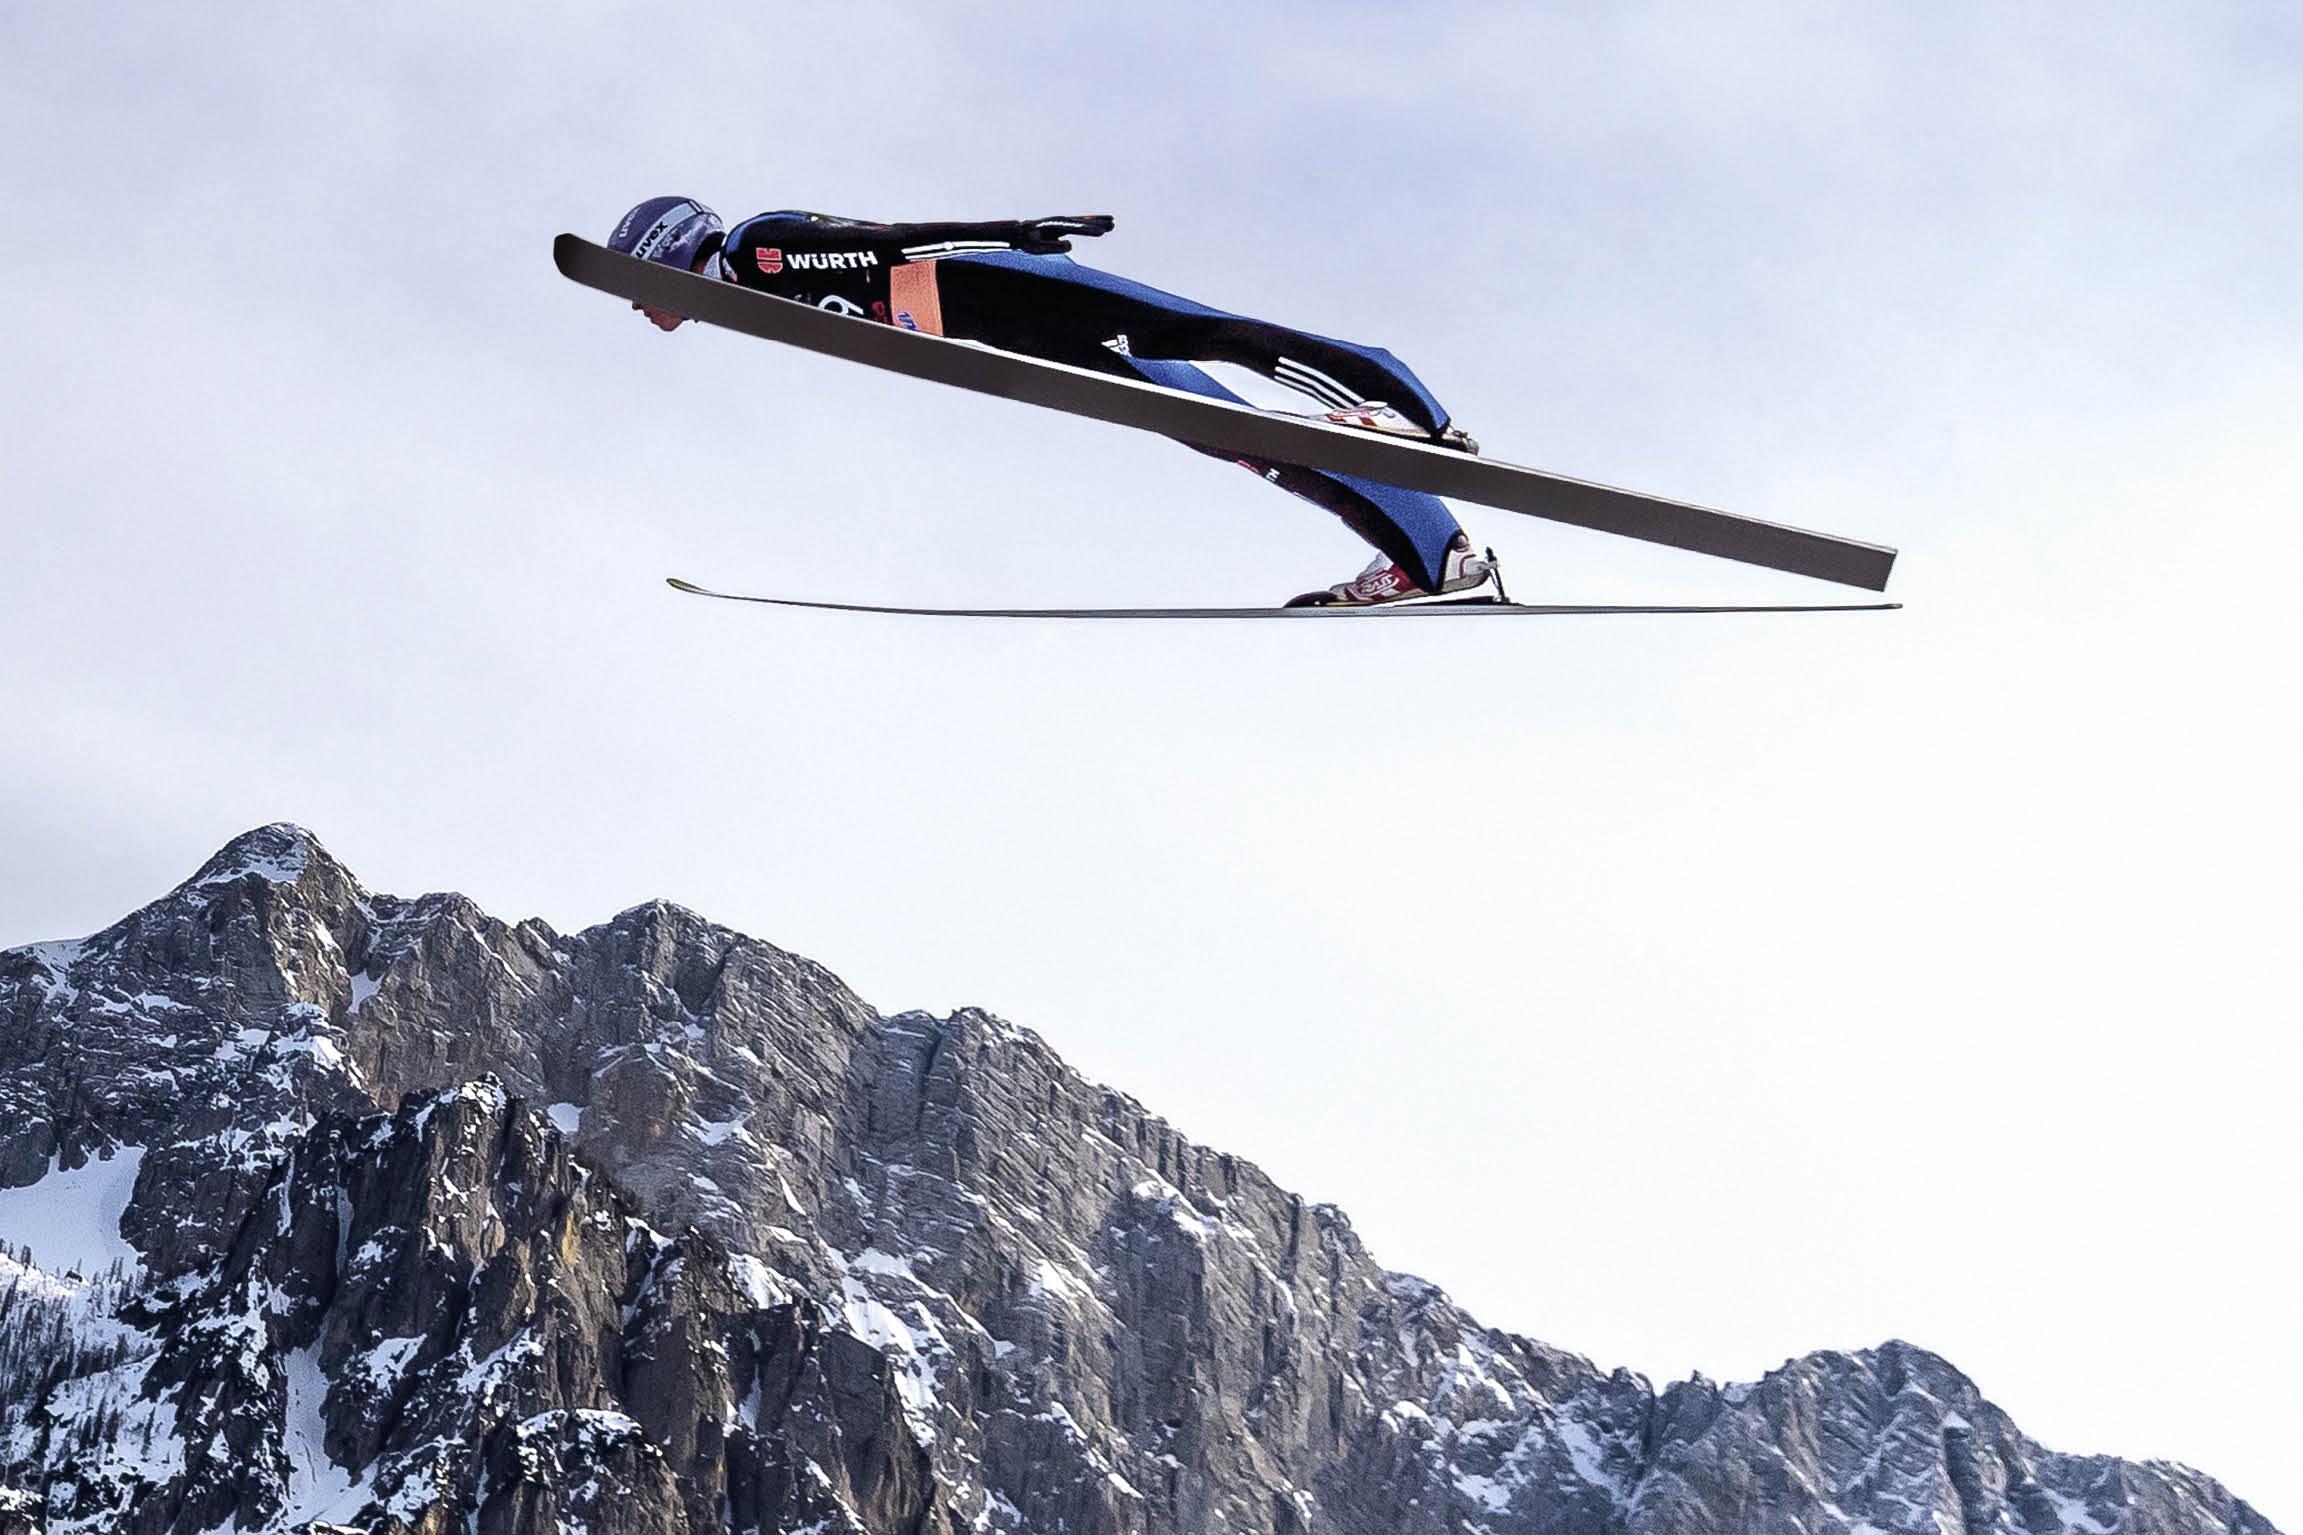 Mit Disziplin und Leistung zum Erfolg. Das gilt nicht nur für Würth, sondern auch im Sport. Den Deutschen Skiverband unterstützt Würth bereits seit 2002.